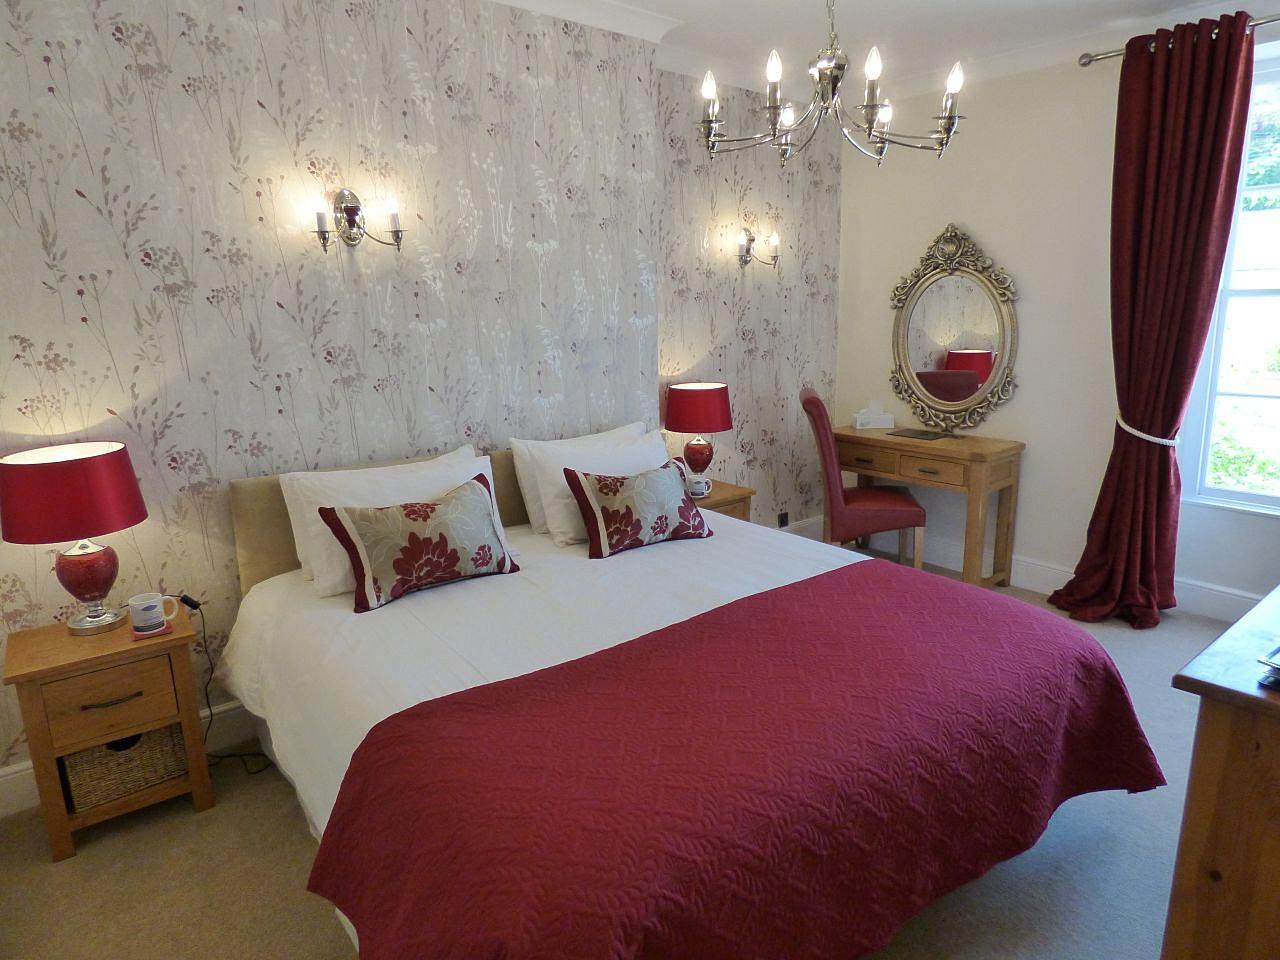 Tavistock Bedroom Furniture The Duke Of Tavistock Tavistock Suite